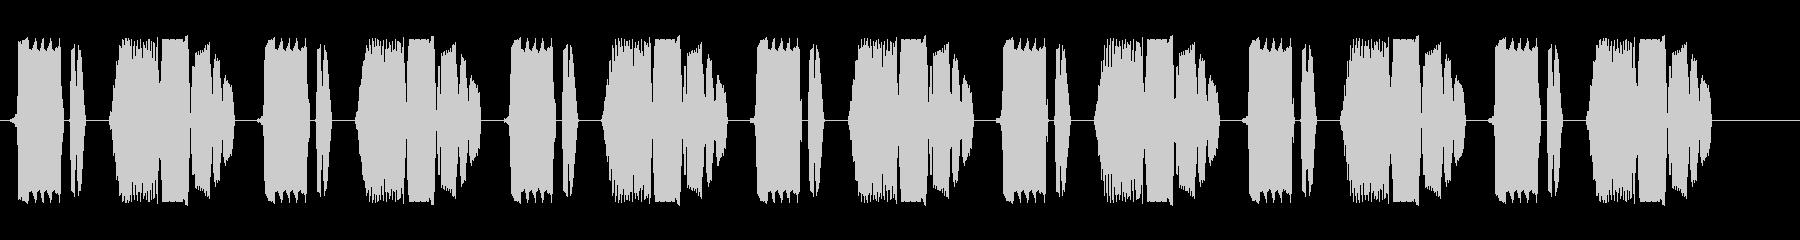 ビチョビチョビチョ(電子音)の未再生の波形